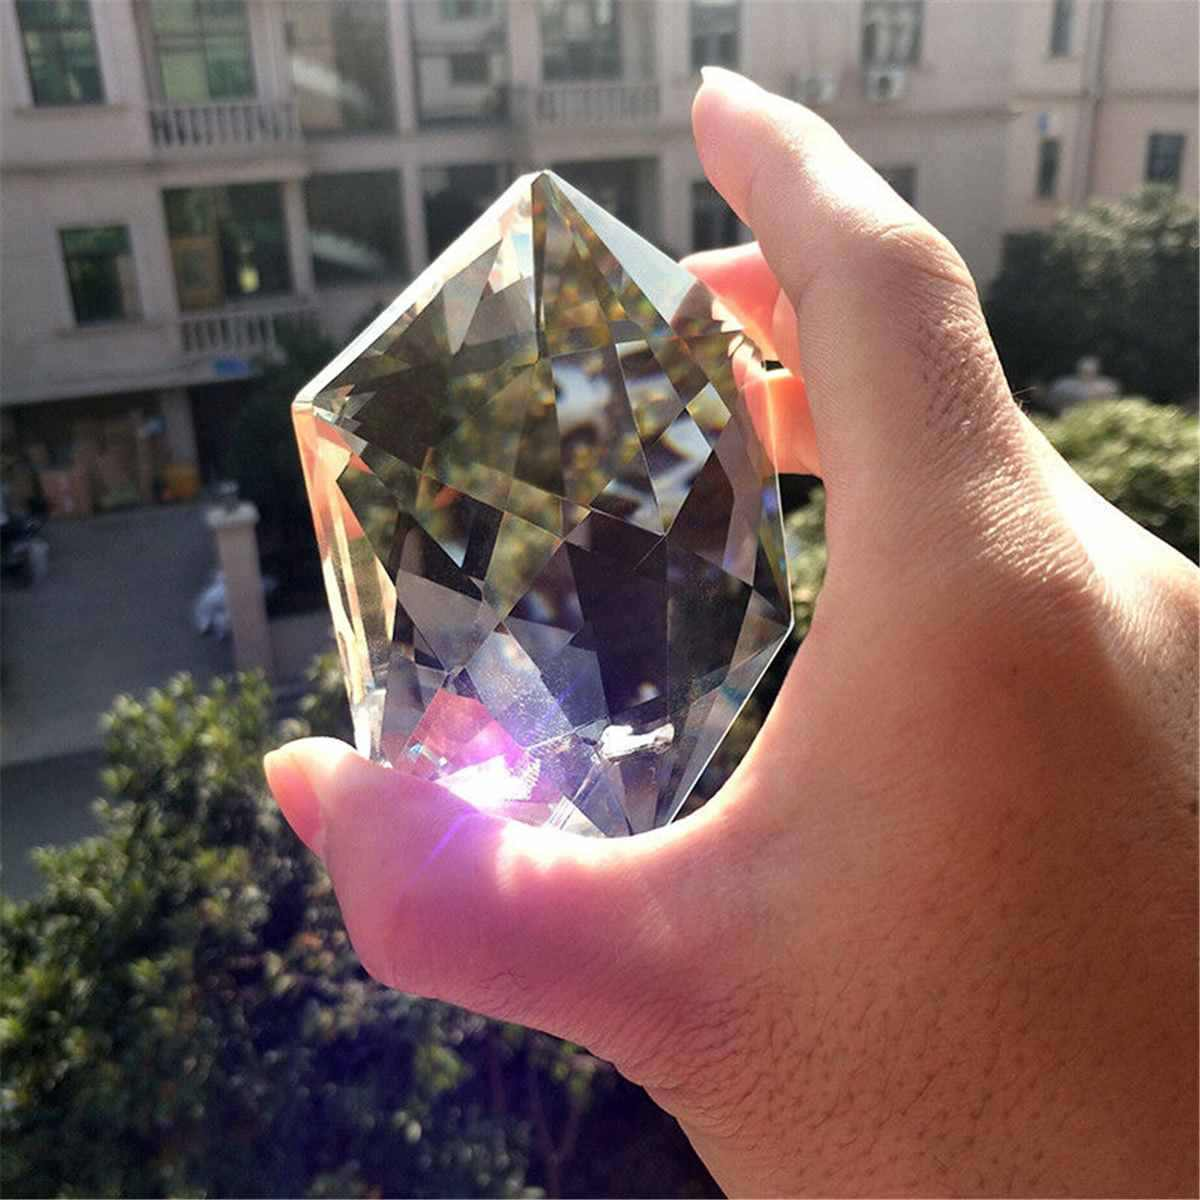 100 мм шестизвездная форма большая прозрачная кристальная Подвеска для люстры Ламповые призмы части Висячие капли круглый кристалл Радужный подсолнух